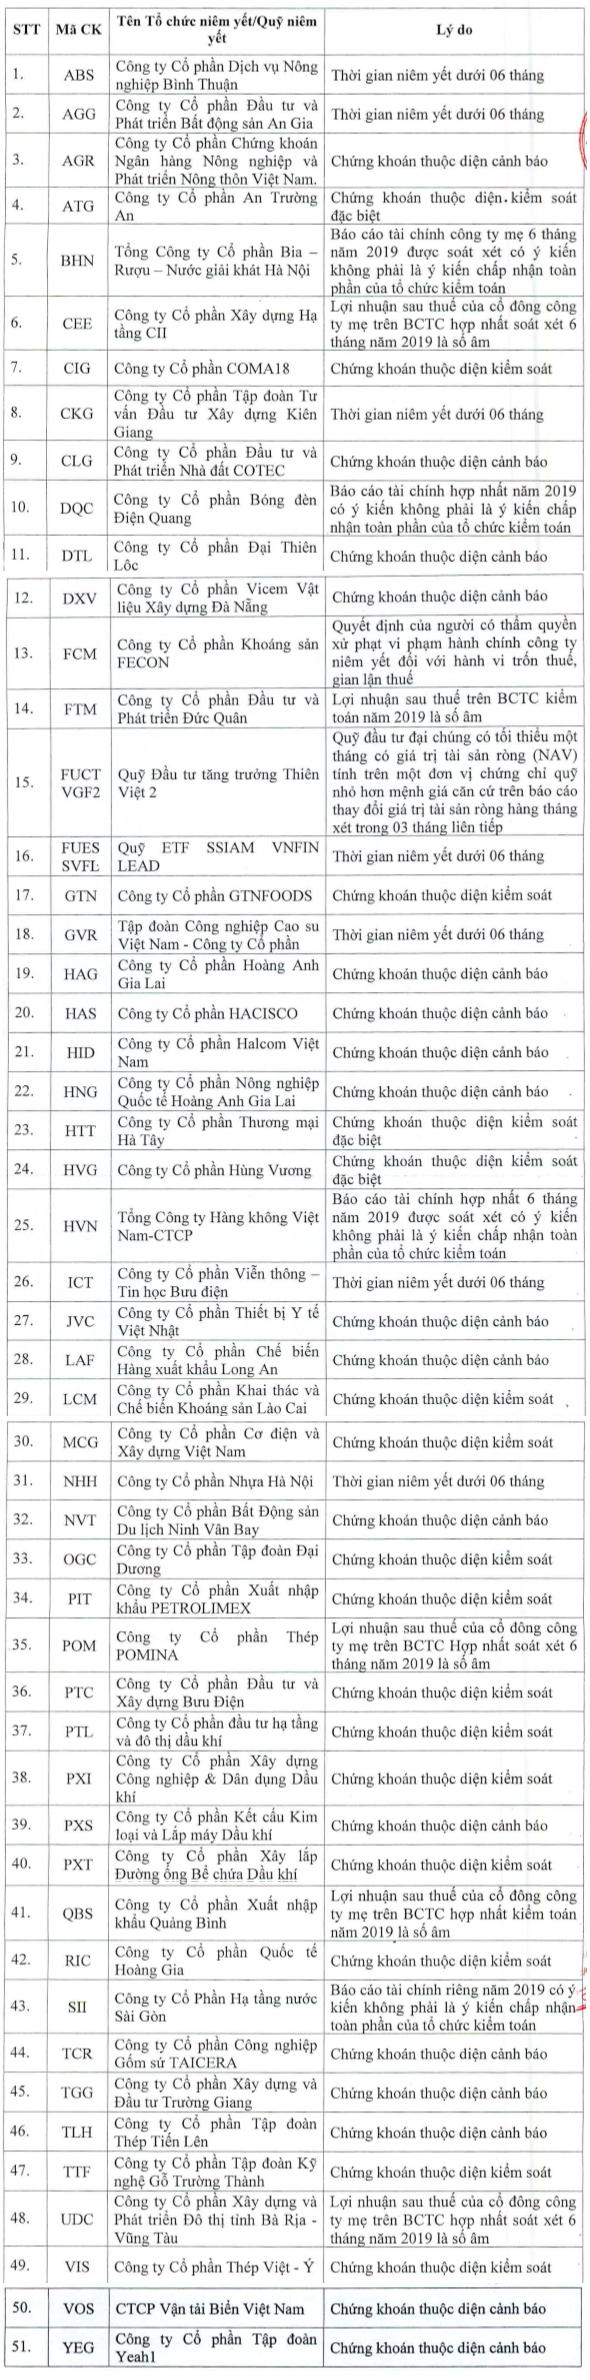 Cổ phiếu Vietnam Airlines không được cấp margin trong quý II - Ảnh 1.